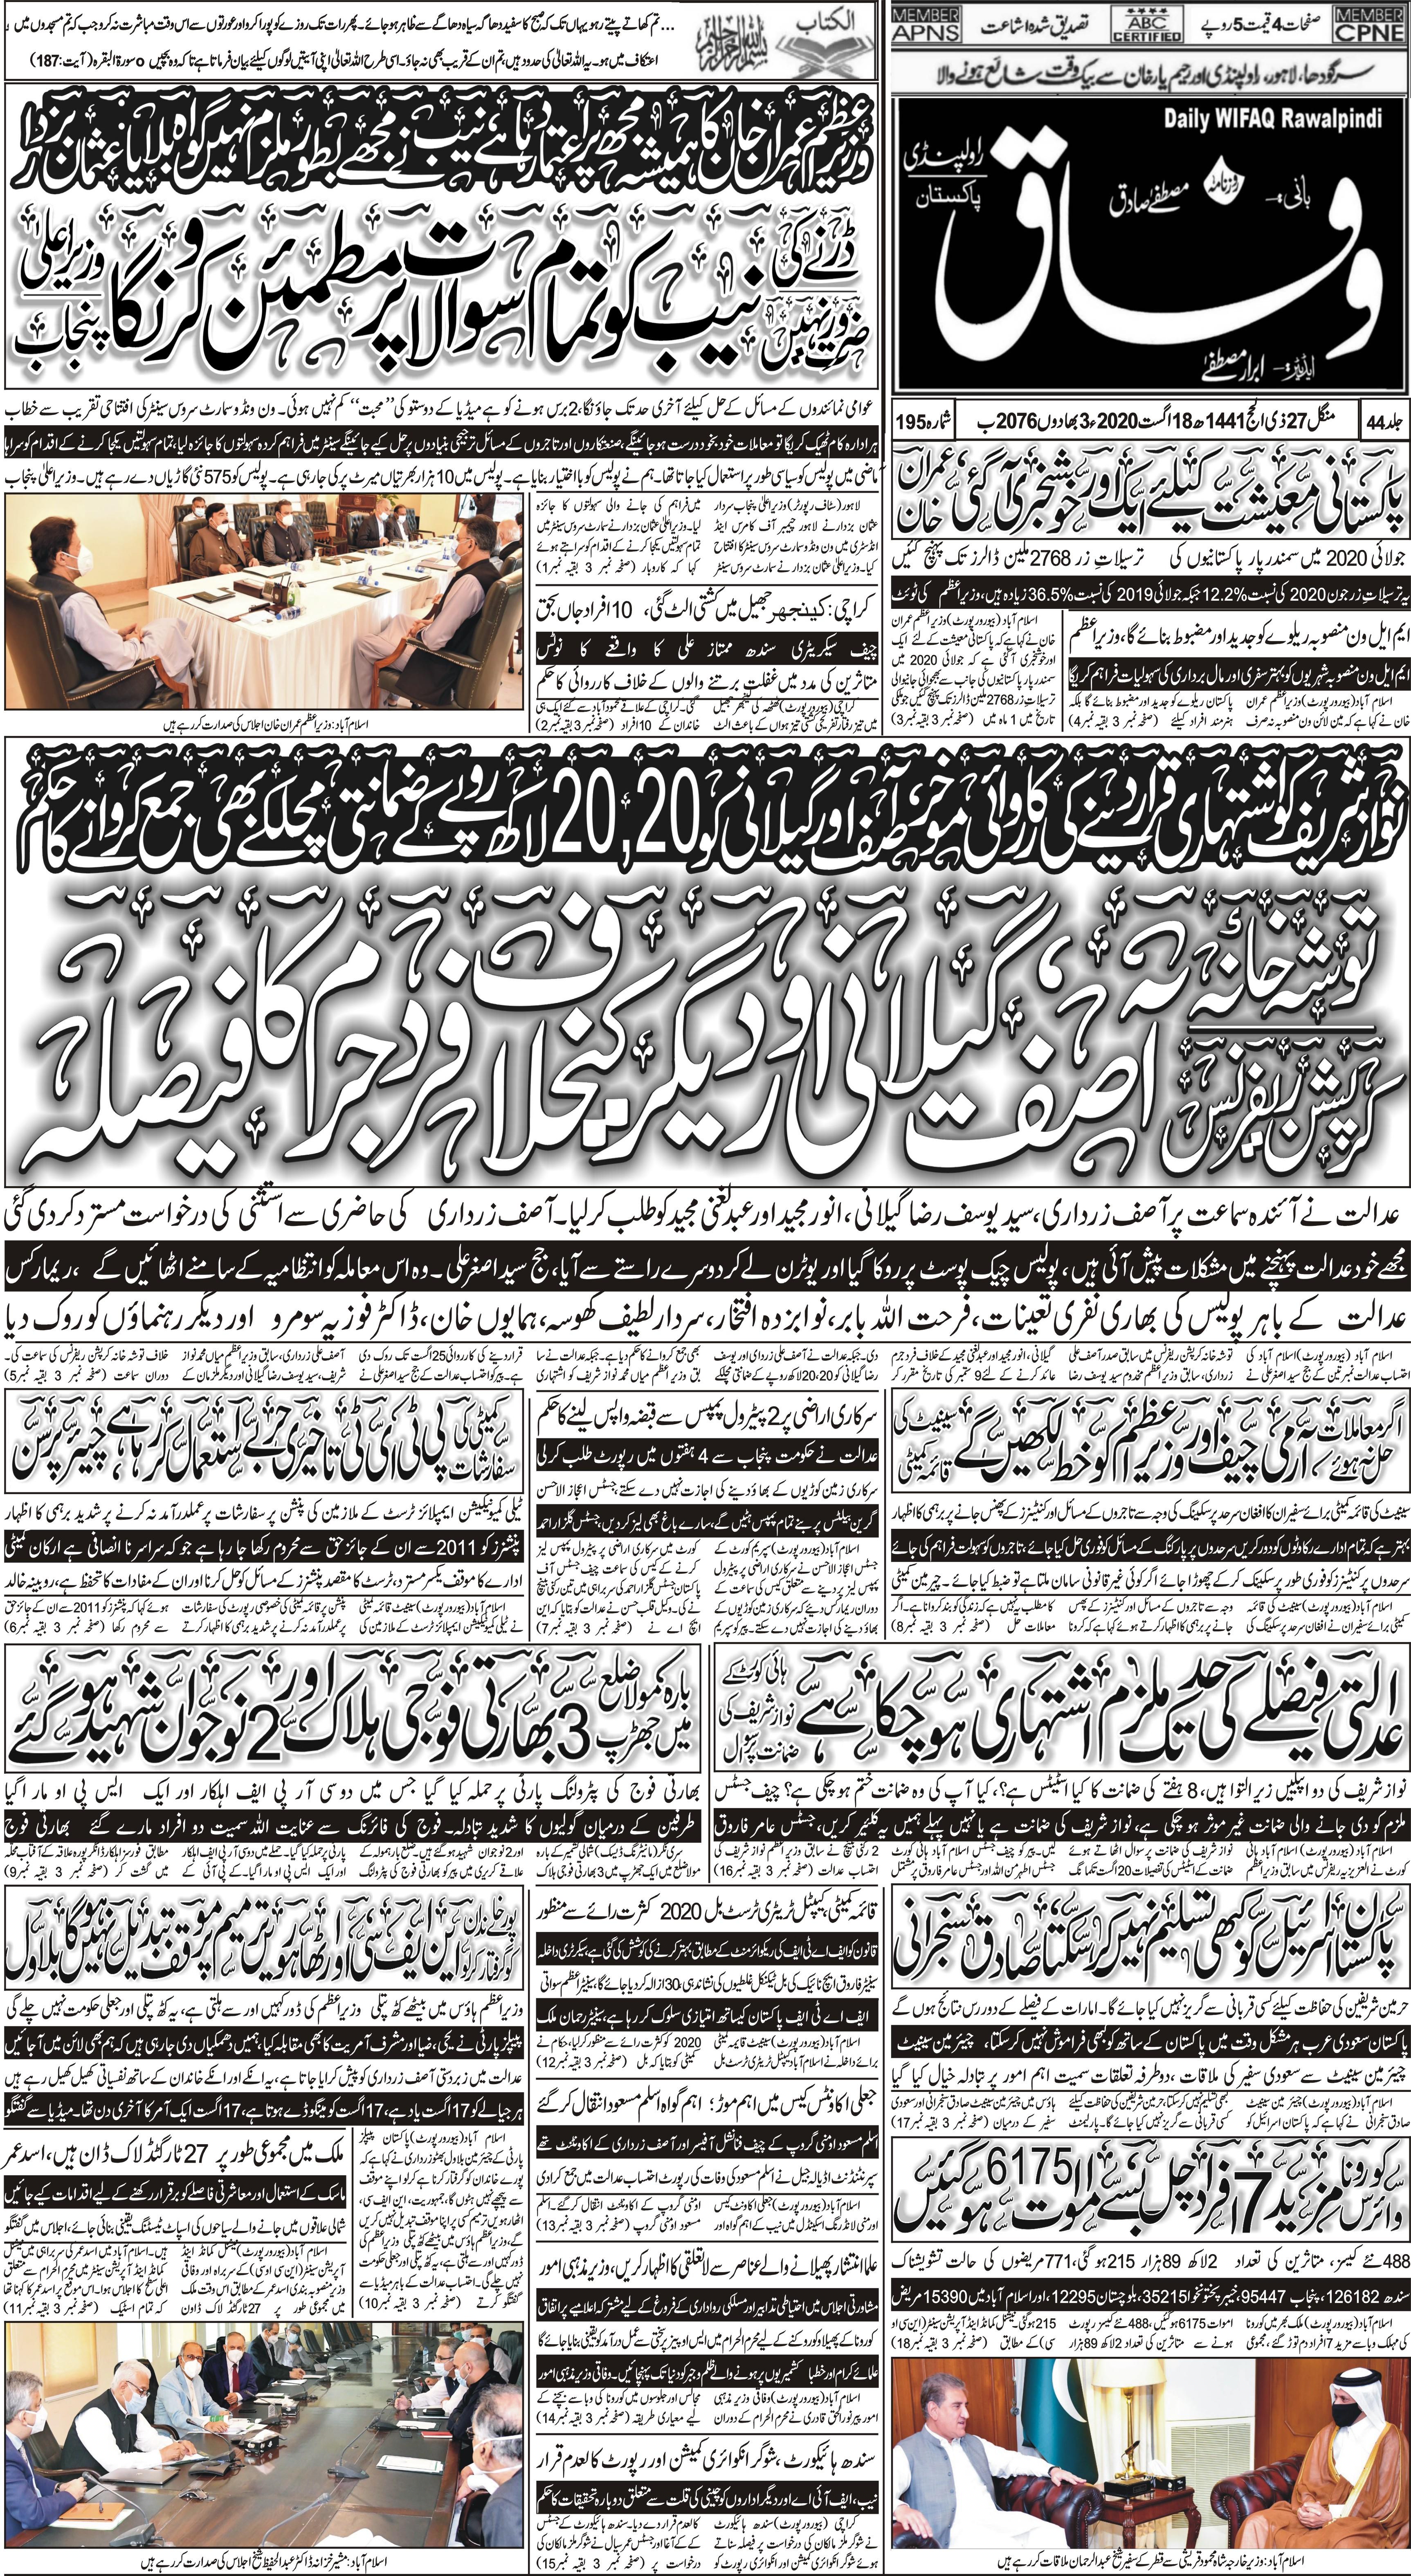 e-Paper – Daily Wifaq – Rawalpindi – 18-08-2020